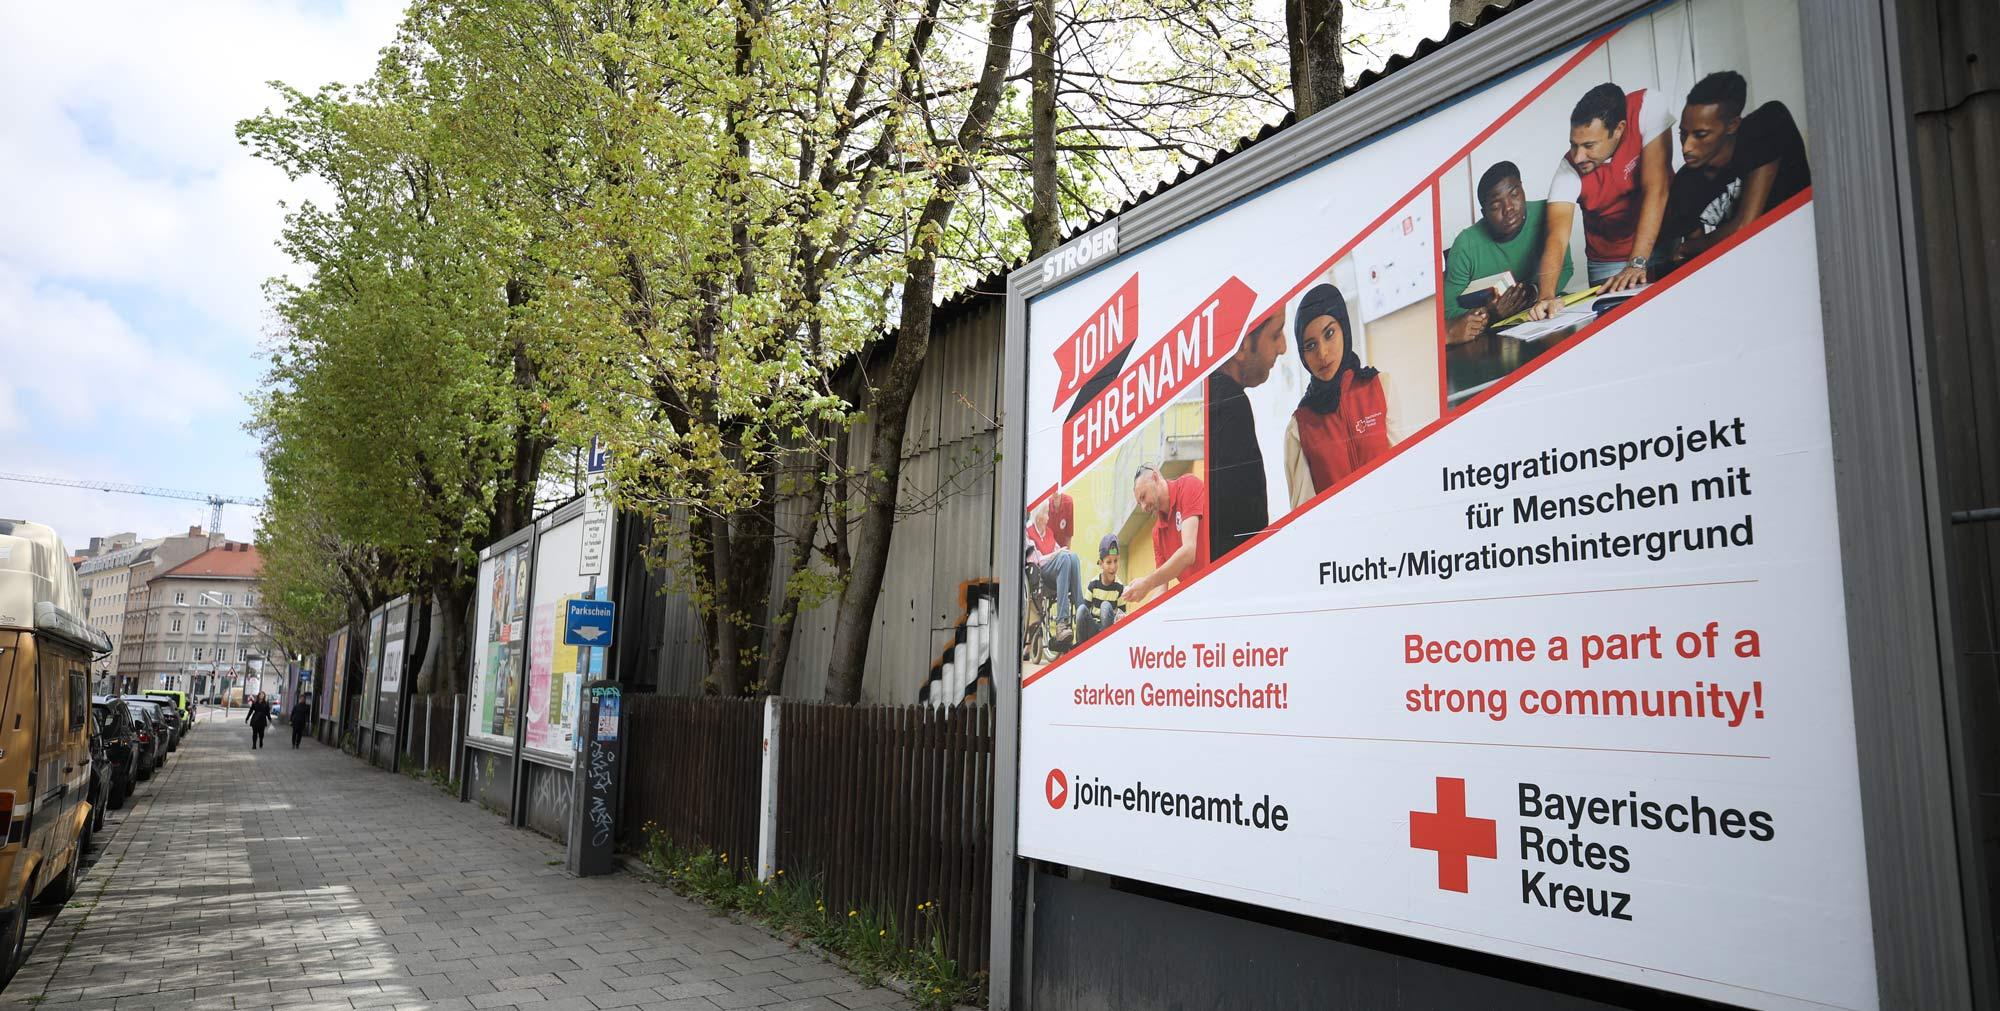 Großflächenplakate für das Bayerische Rote Kreuz